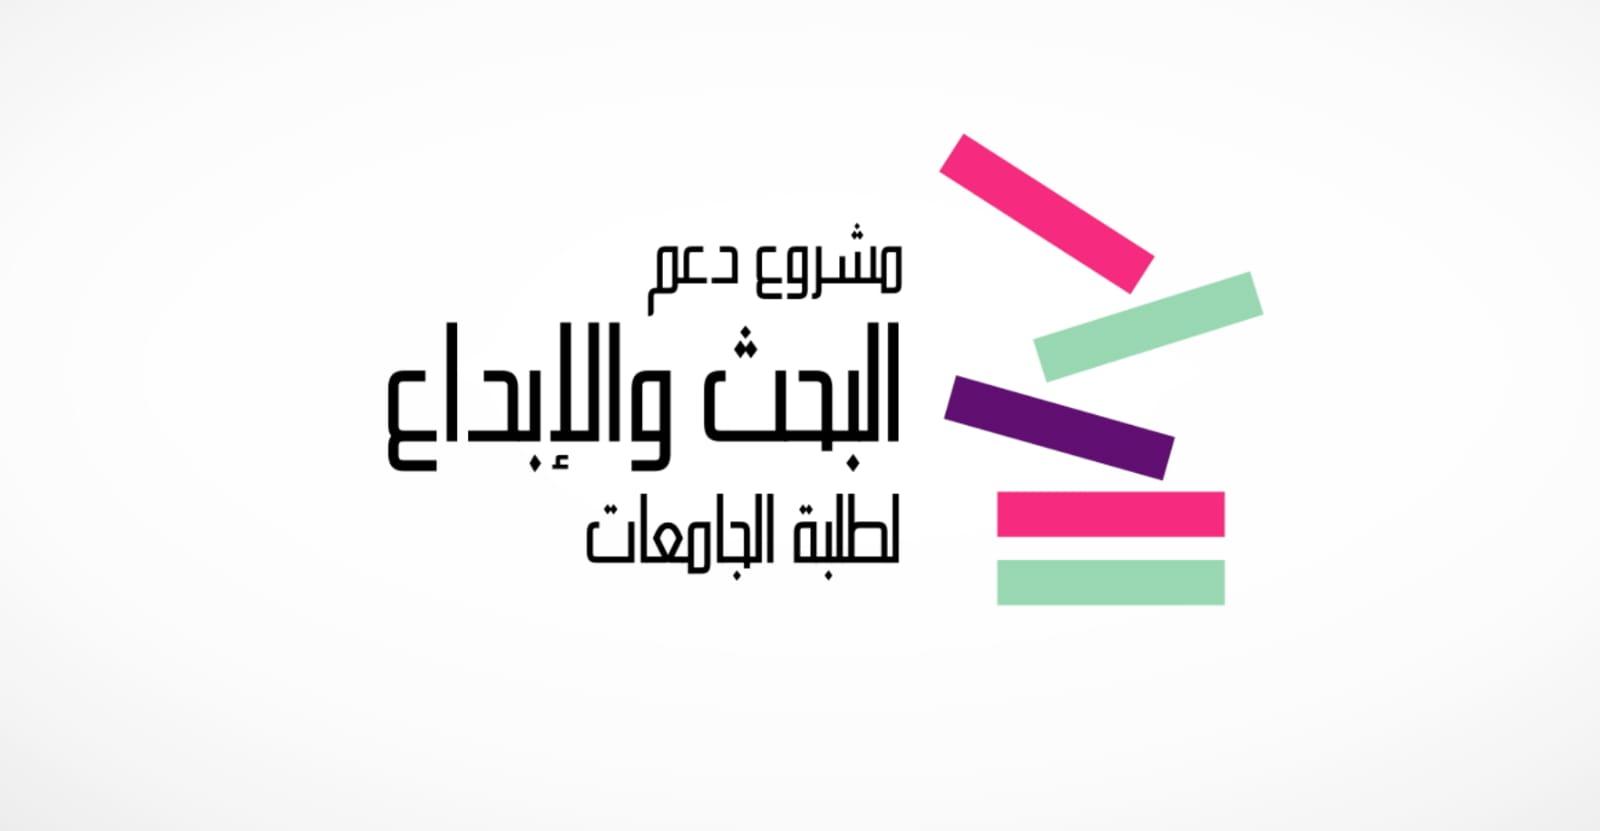 إطلاق دورة جديدة من مشروع دعم البحث والابداع لطلبة الجامعات